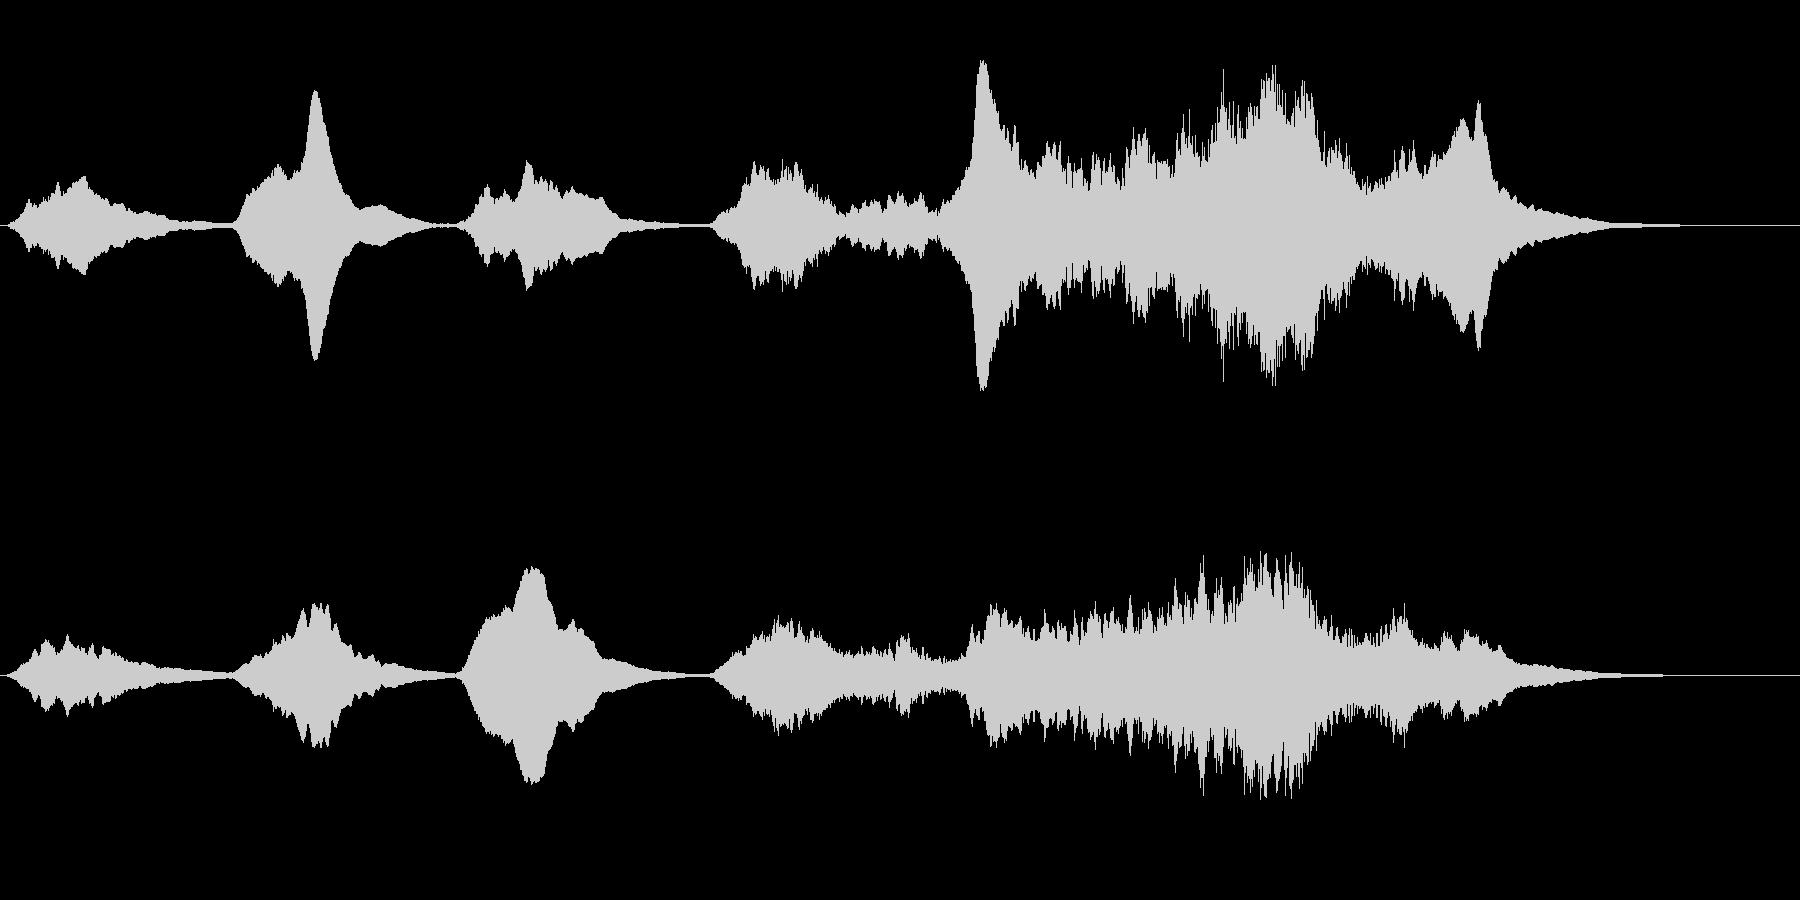 劇伴 不安を掻き立てる弦楽器アンビエントの未再生の波形